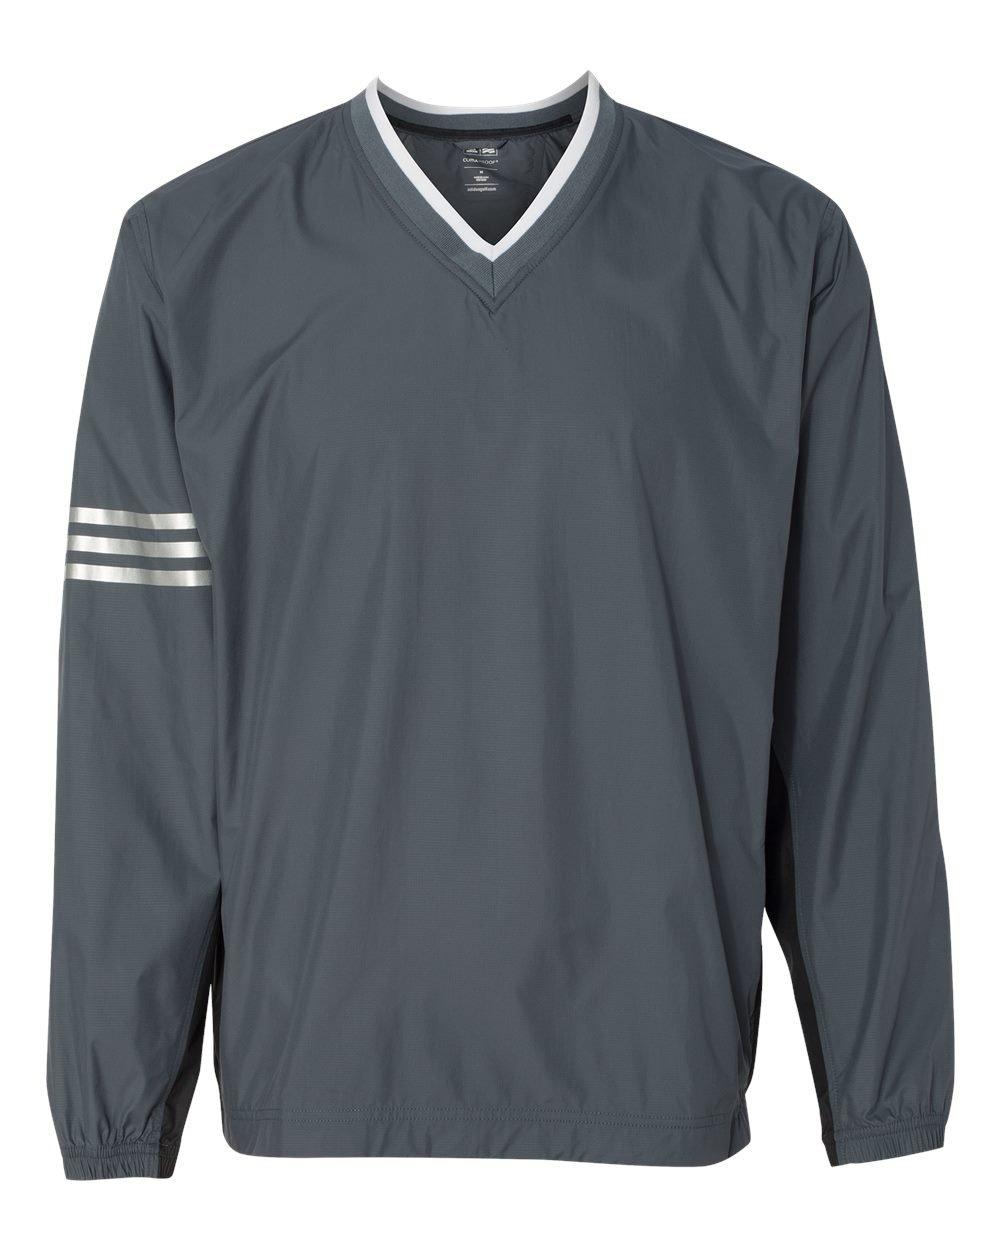 アメリカ版モデルadidas(アディダス)ゴルフクライマプルーフClimaProofウィンドカラーブロックVネックウィンドシャツA147 [並行輸入品] B01CBBT5QA US Mサイズ|灰黒(グレーブラック) 灰黒(グレーブラック) US Mサイズ